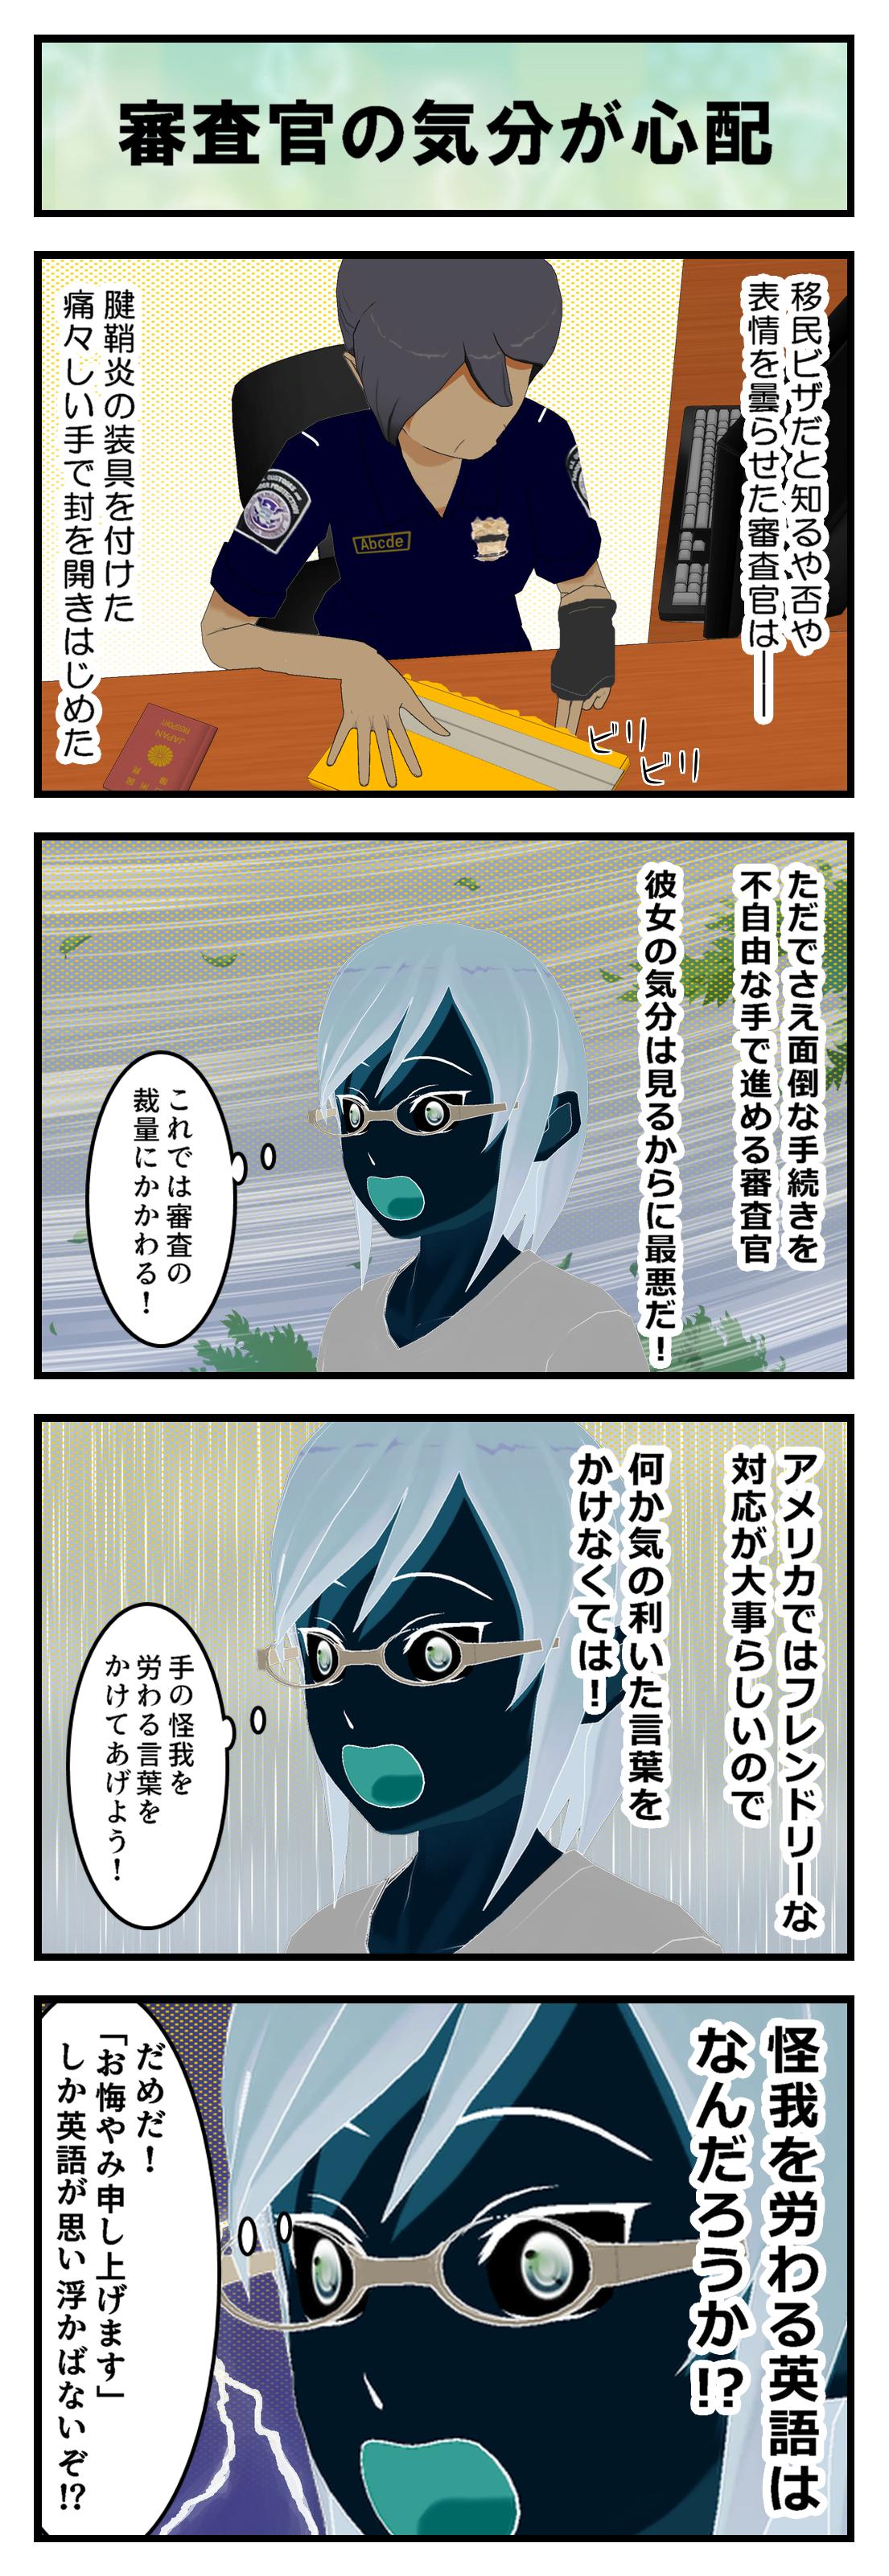 R004_審査官の心象が心配_001